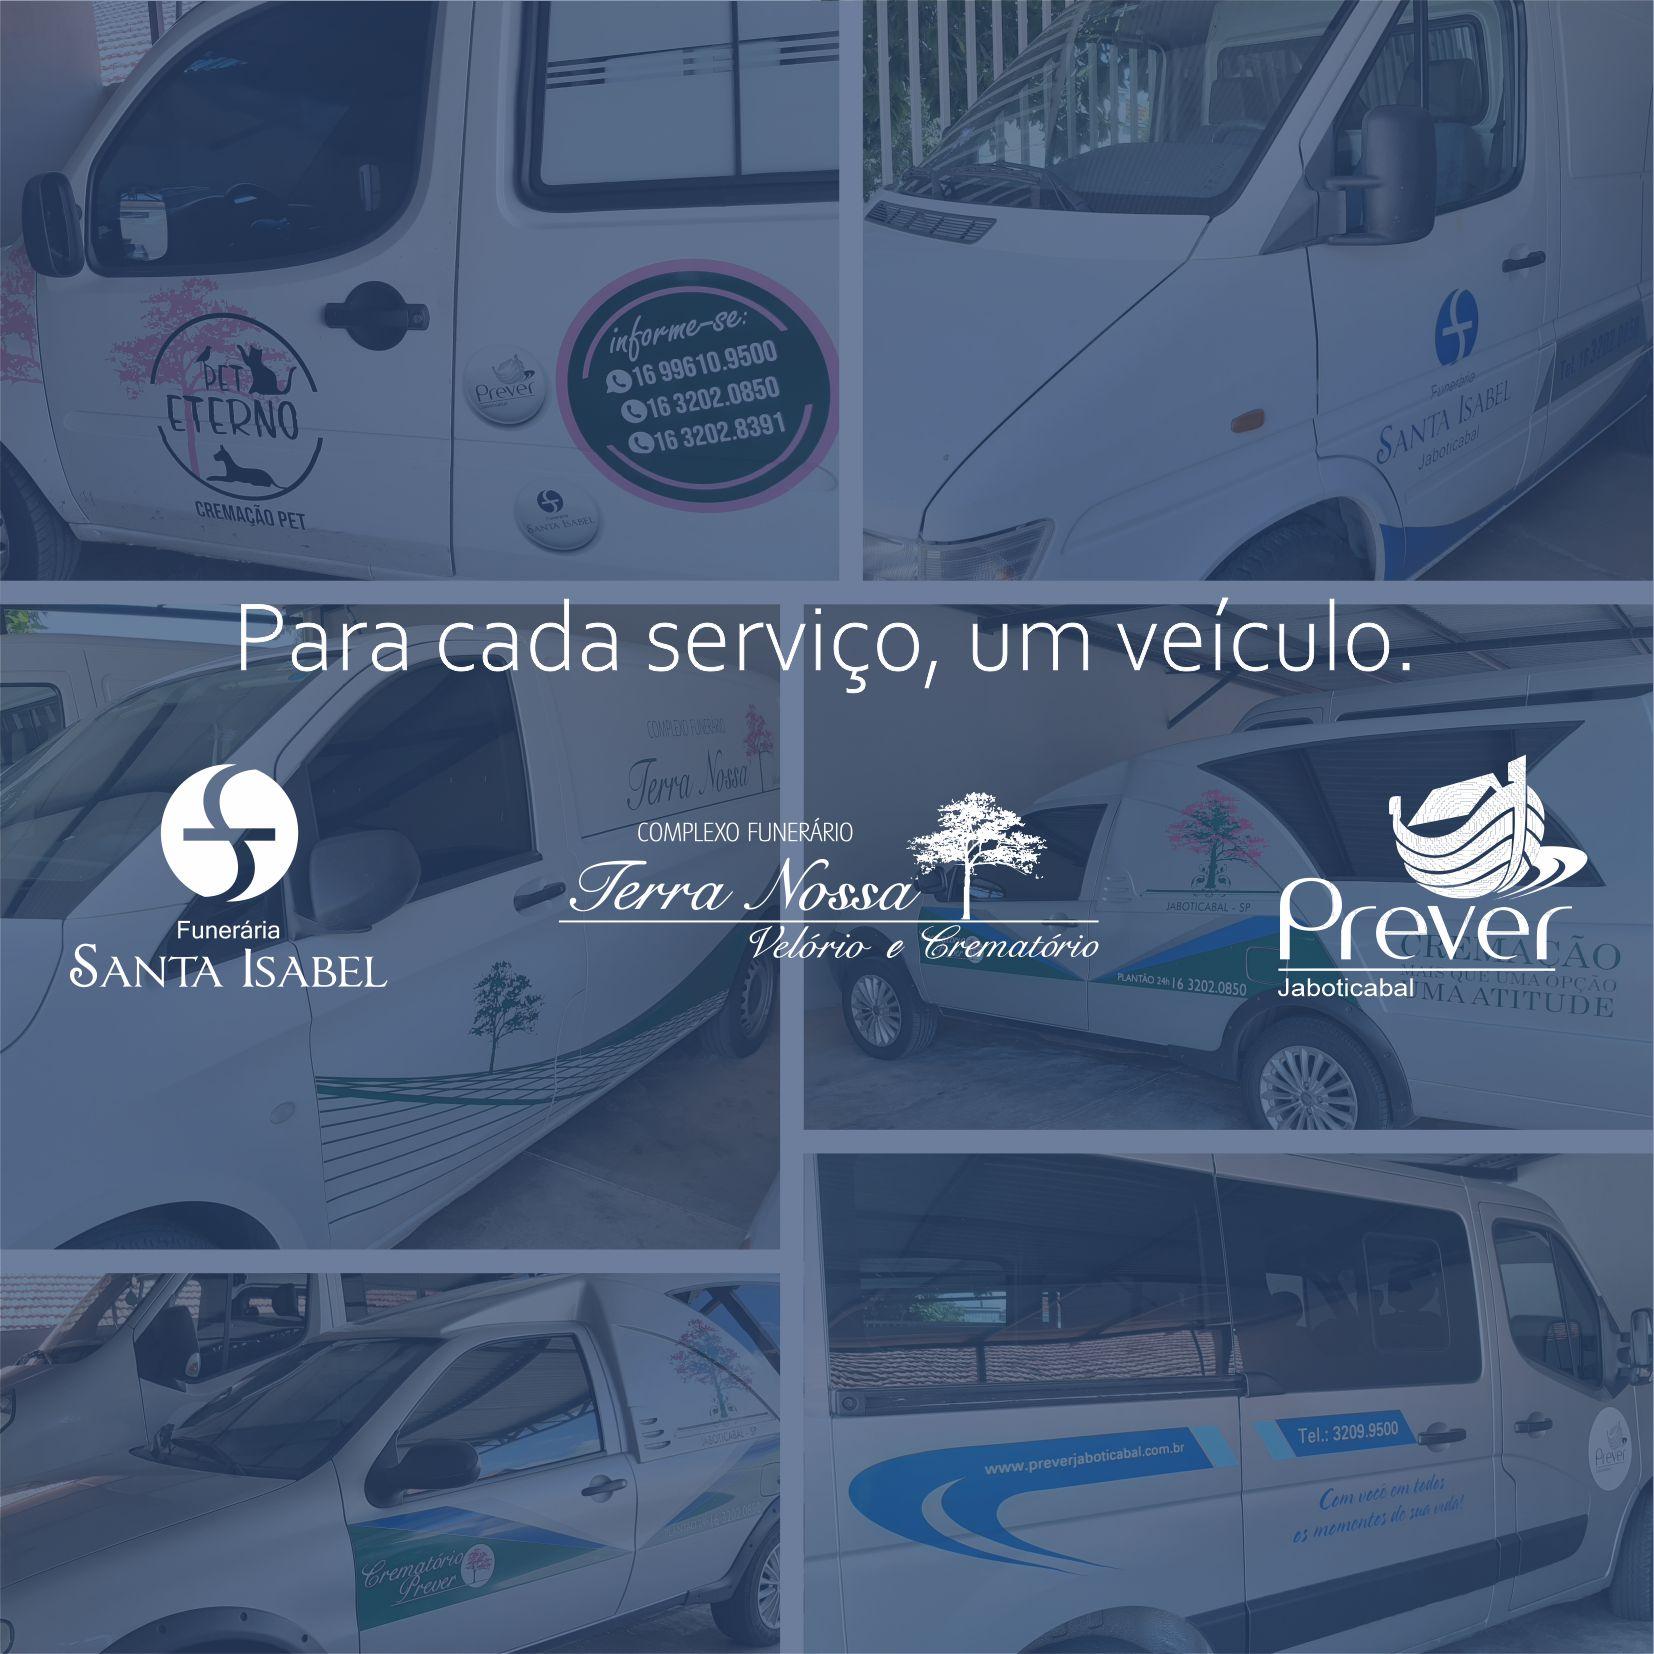 Veículos do Prever Jaboticabal têm manutenção e higienização rigorosas